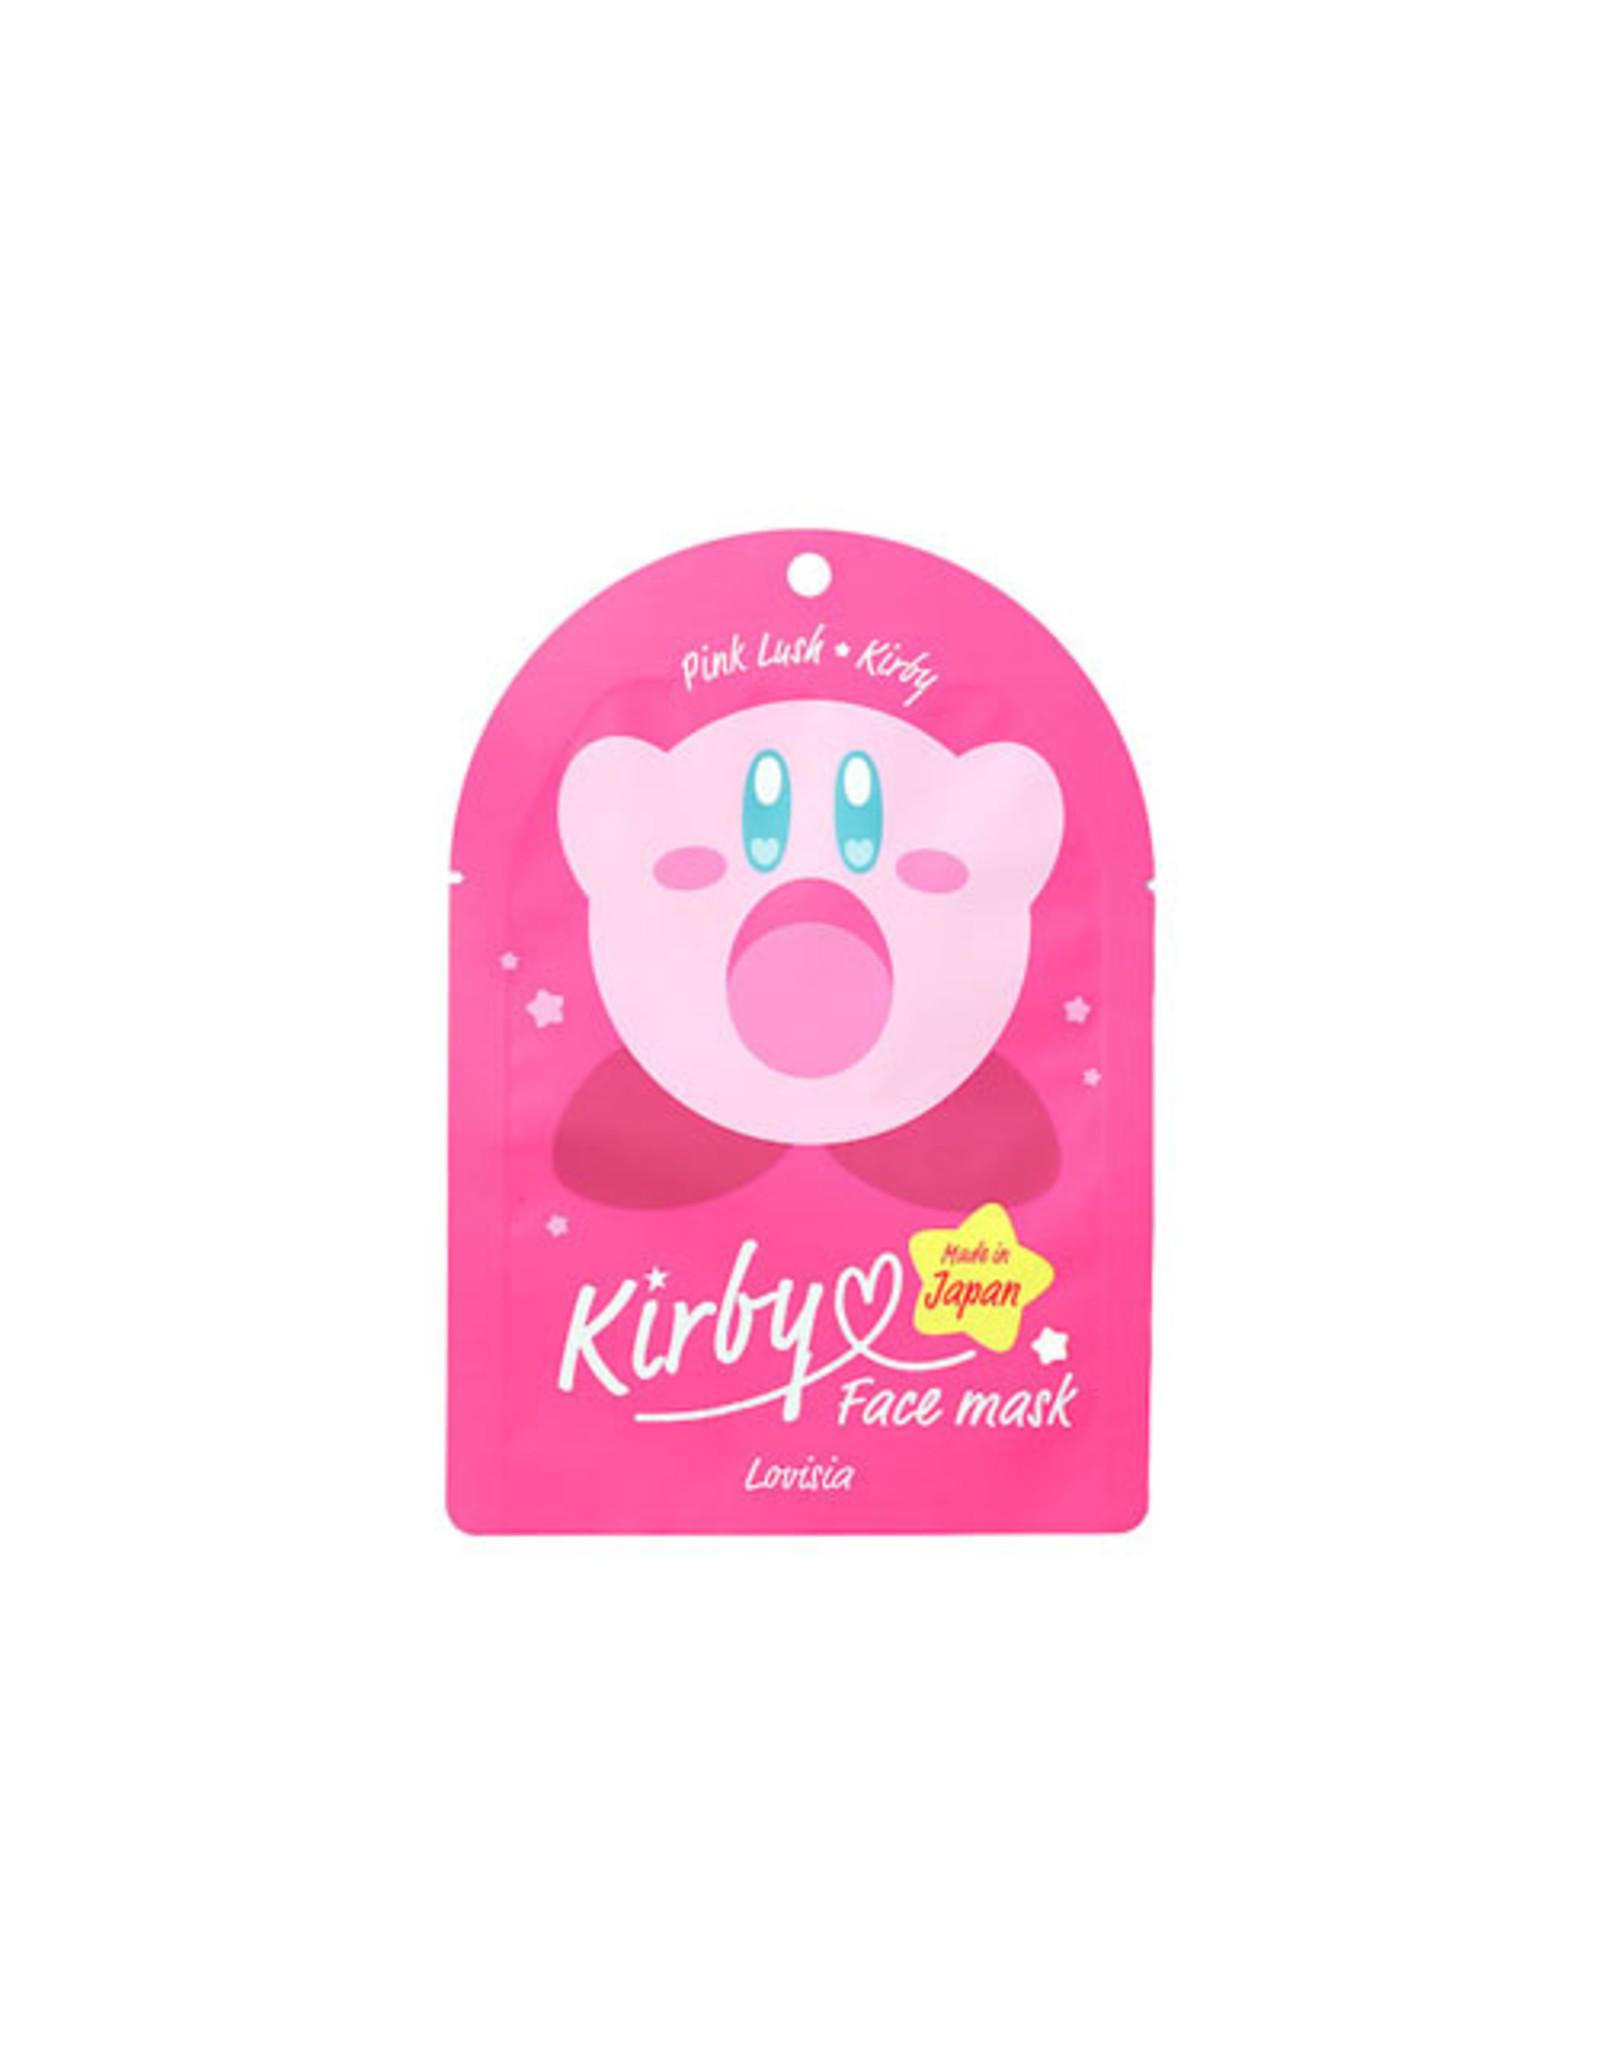 Kirby Face Mask Pink Lush 1 Sheet